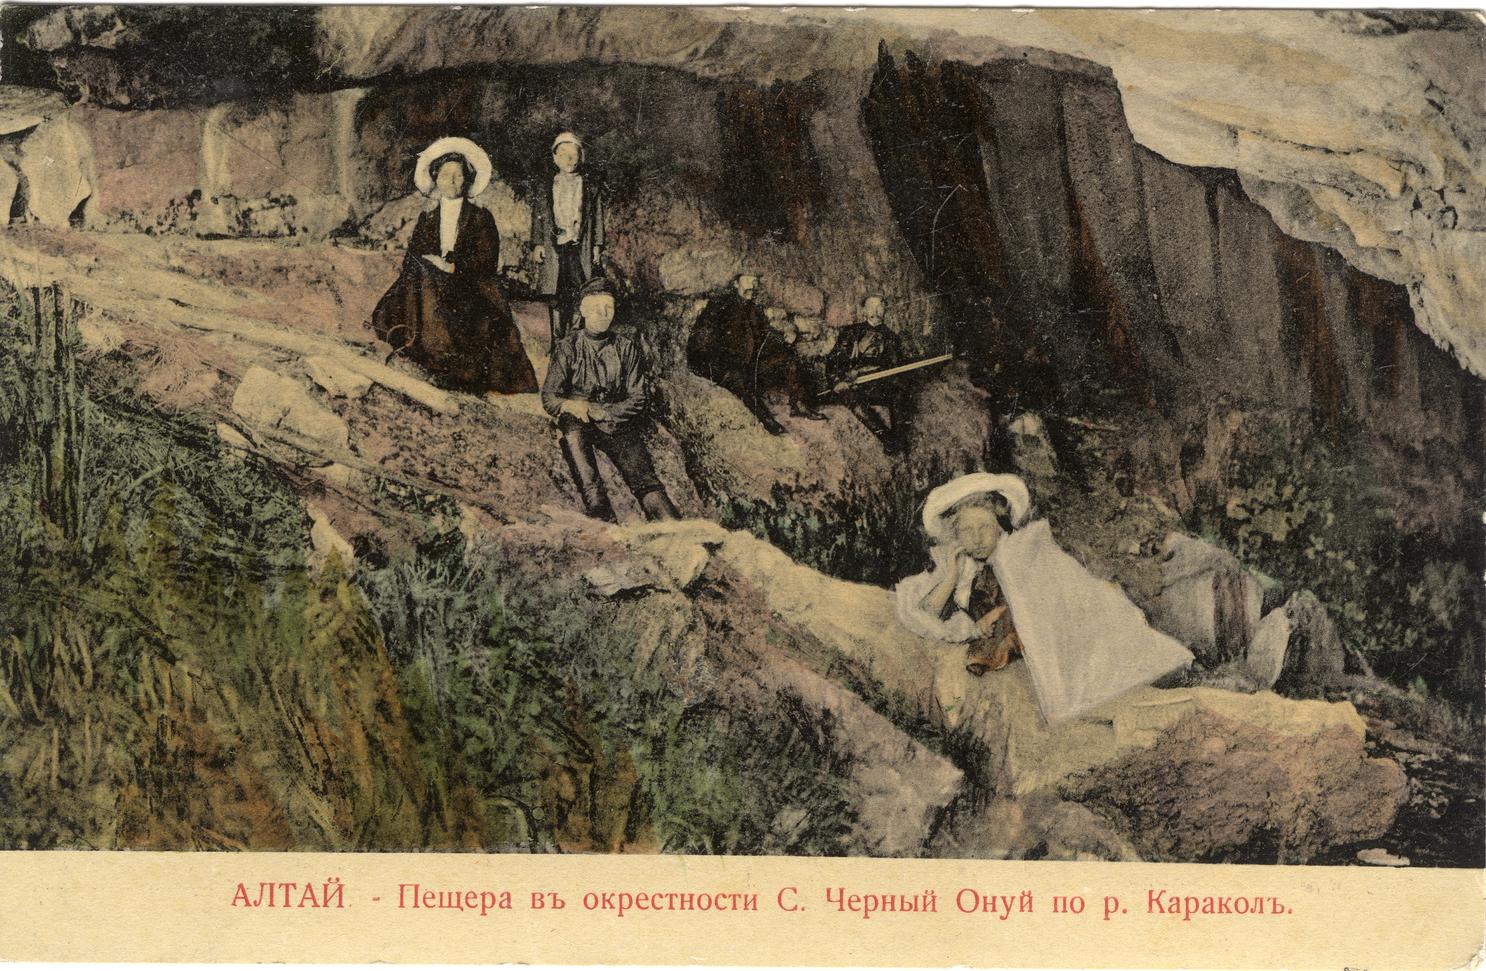 Дачники около пещеры в окрестностях села Черный Ануй по реке Каракол